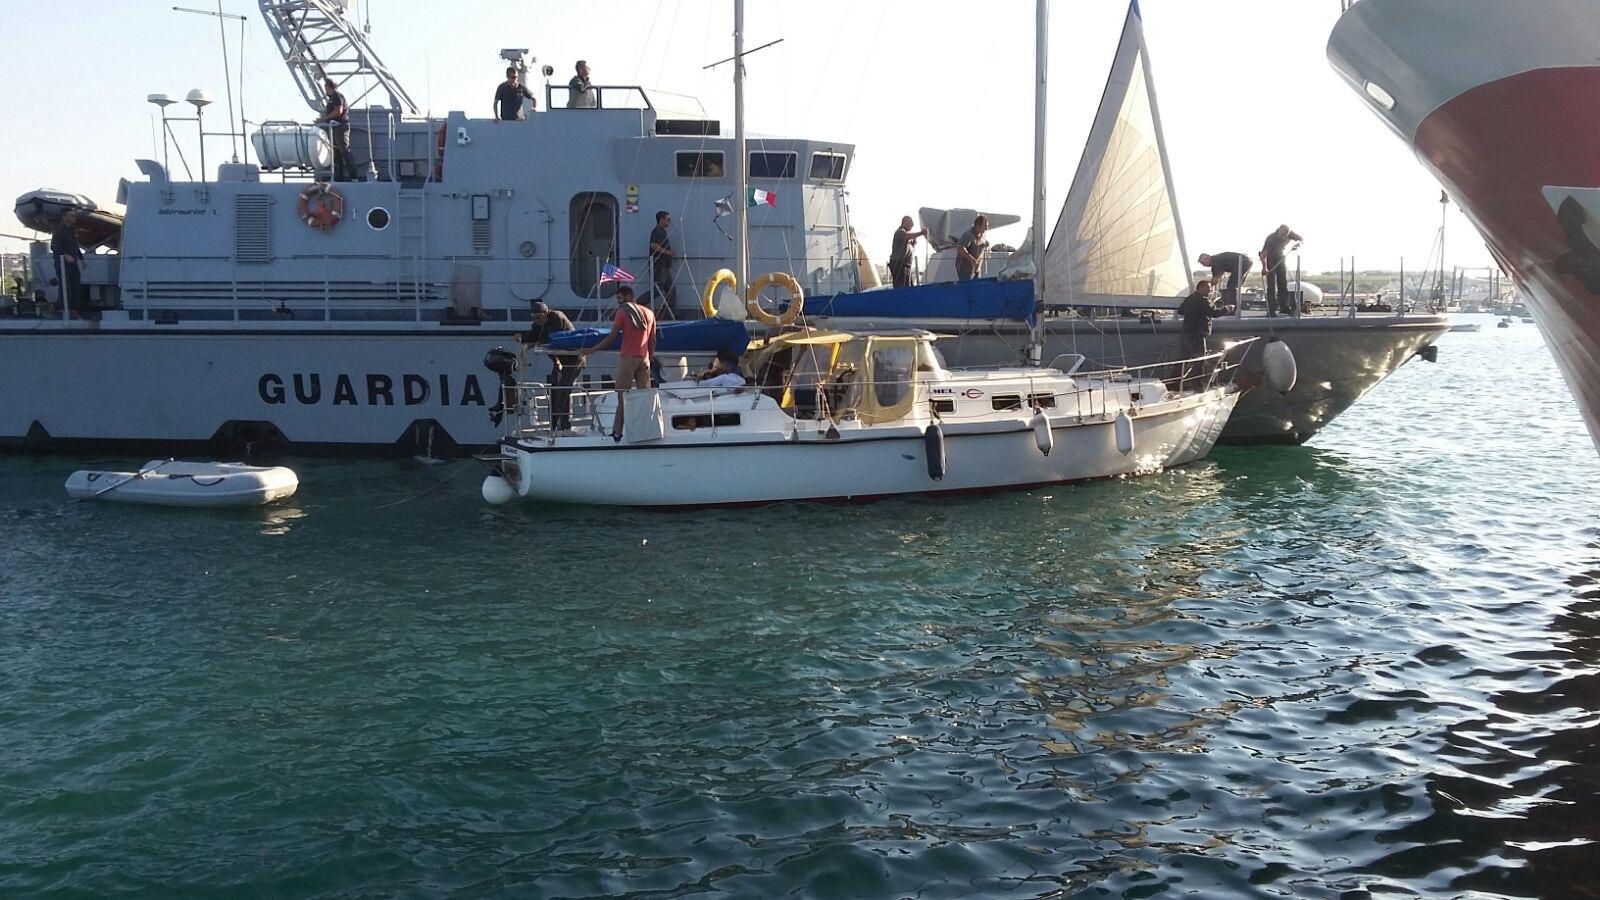 Cinquanta migranti in barca a vela  sbarcano a Portopalo